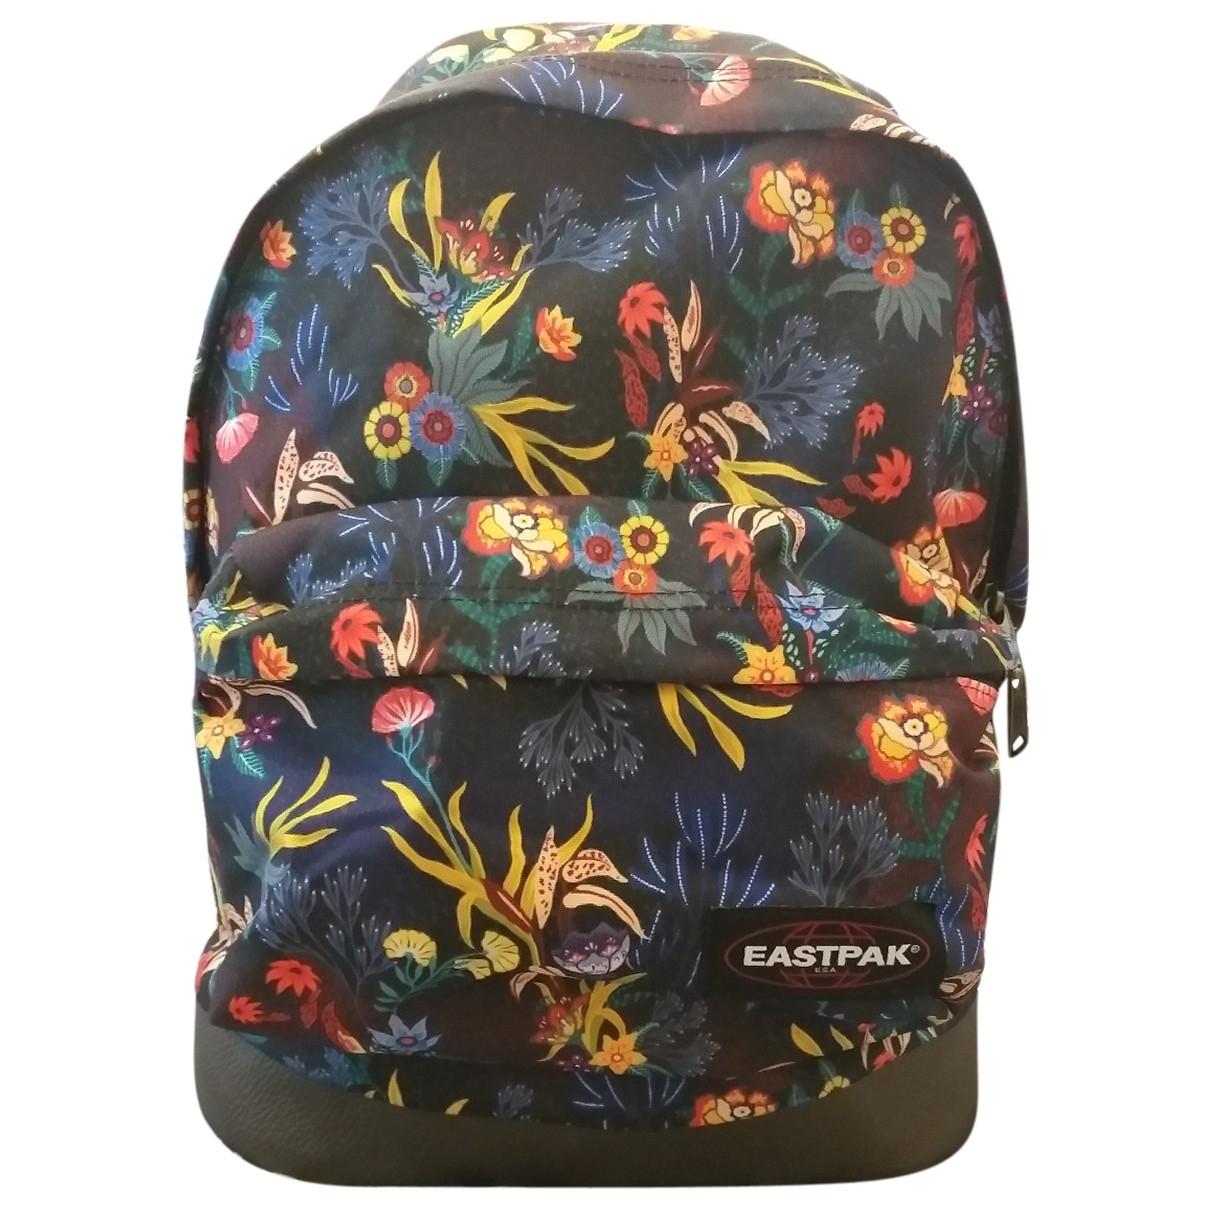 Eastpak - Sac a dos   pour femme en toile - multicolore